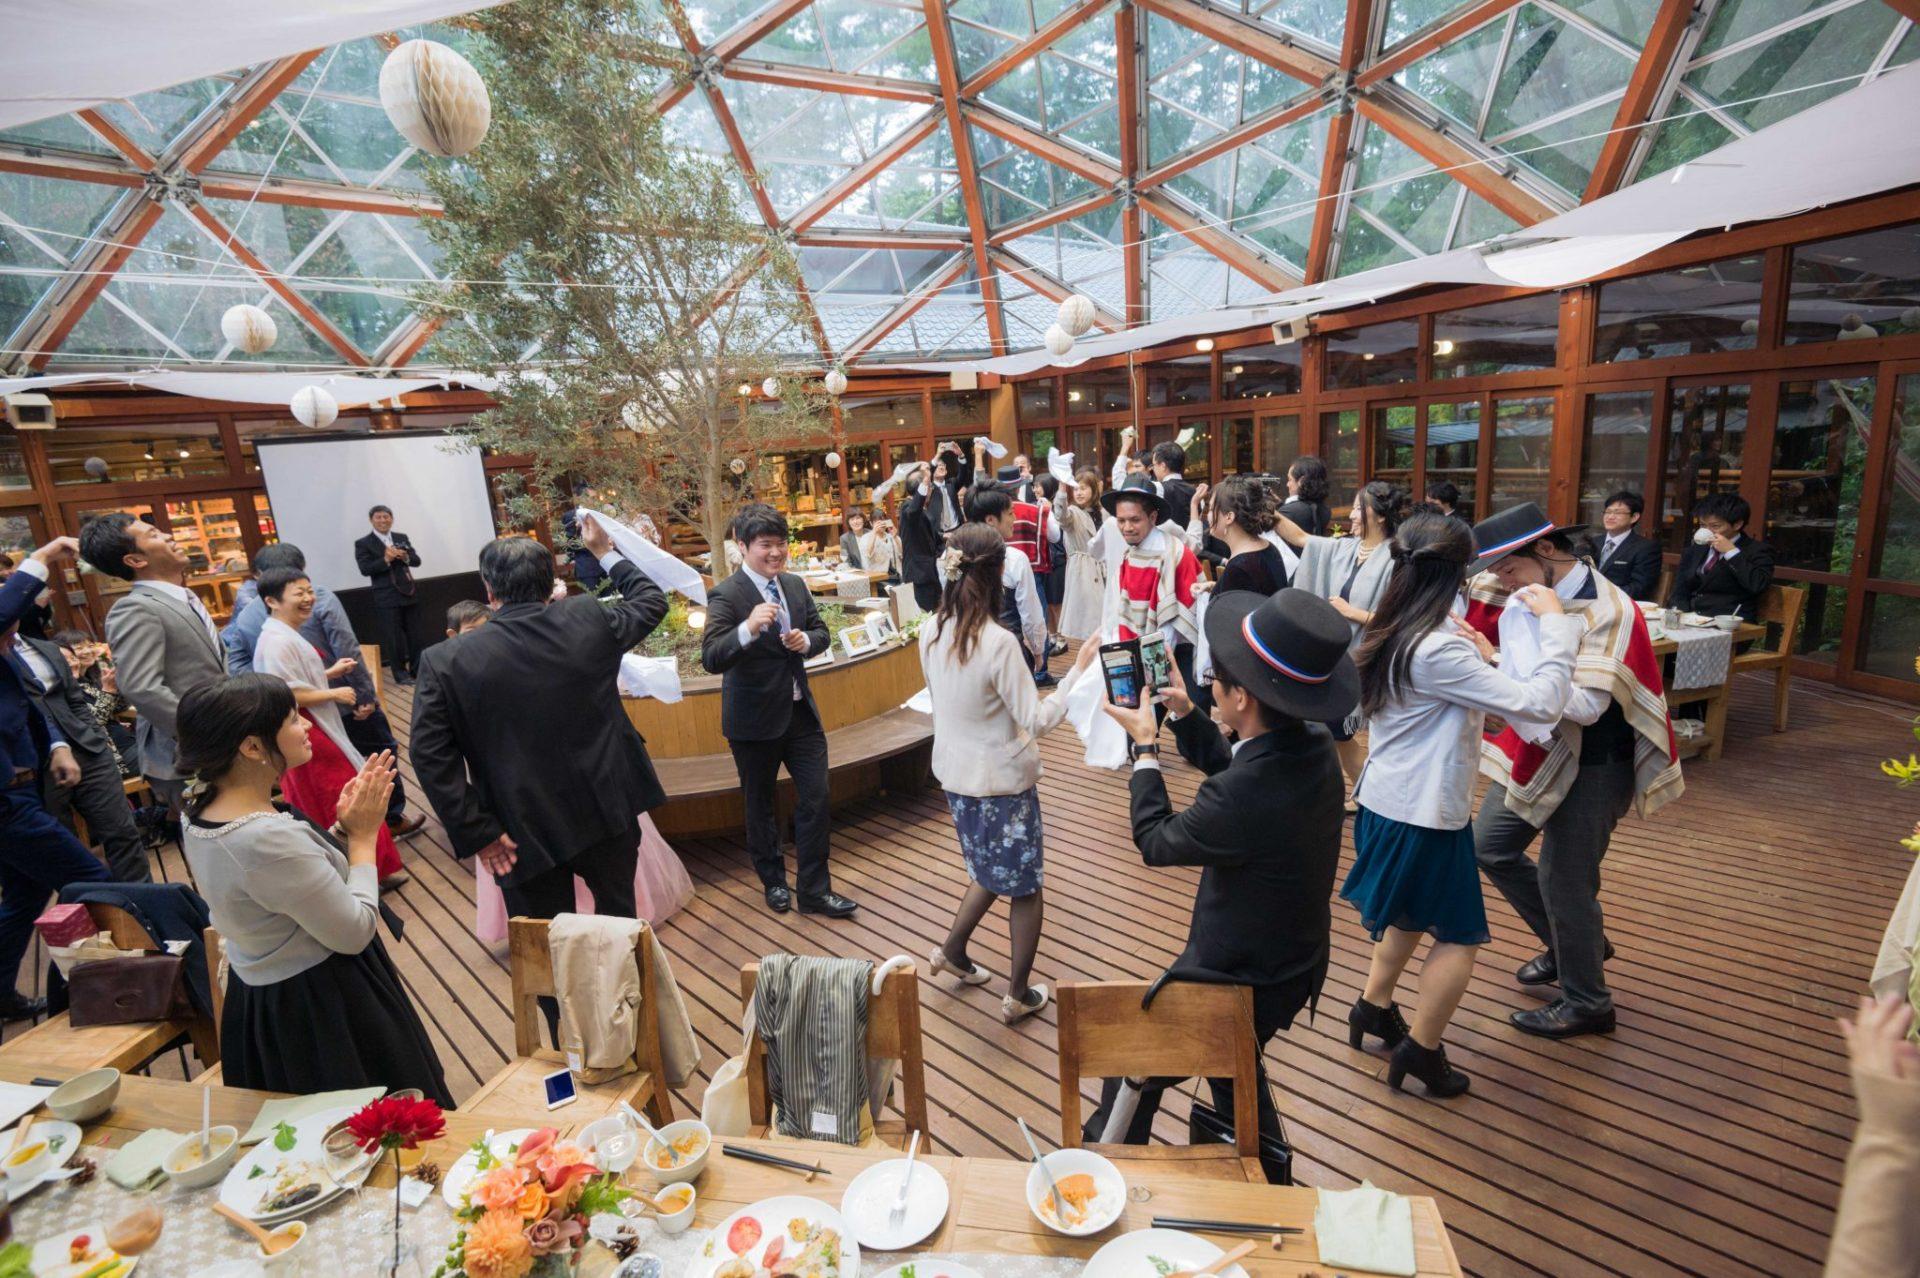 べるが(verga)での結婚式-チリ